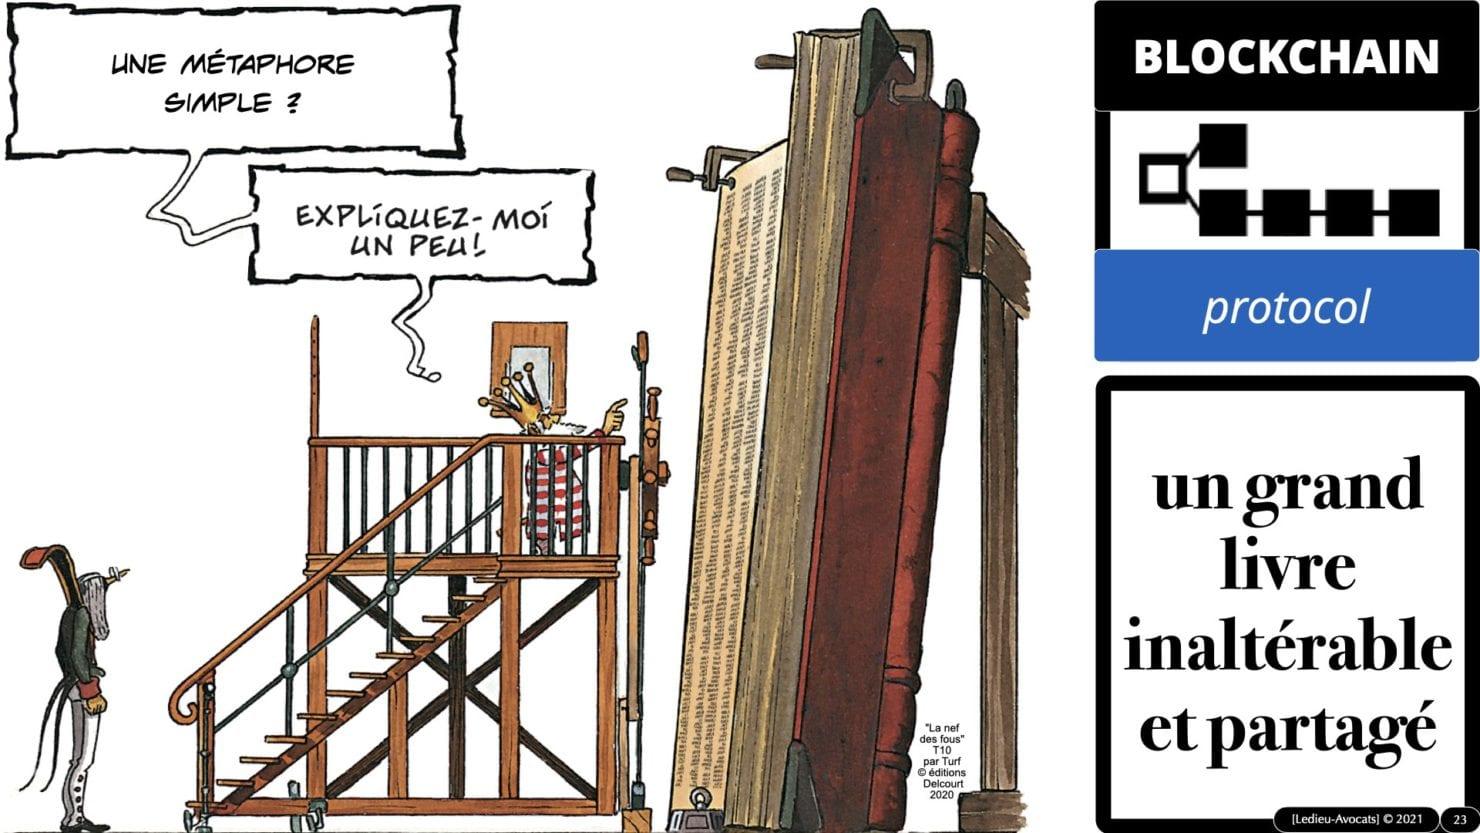 332 ALGORITHME PROTOCOLE protection innovation numérique ©Ledieu-Avocats 19-05-2021.023